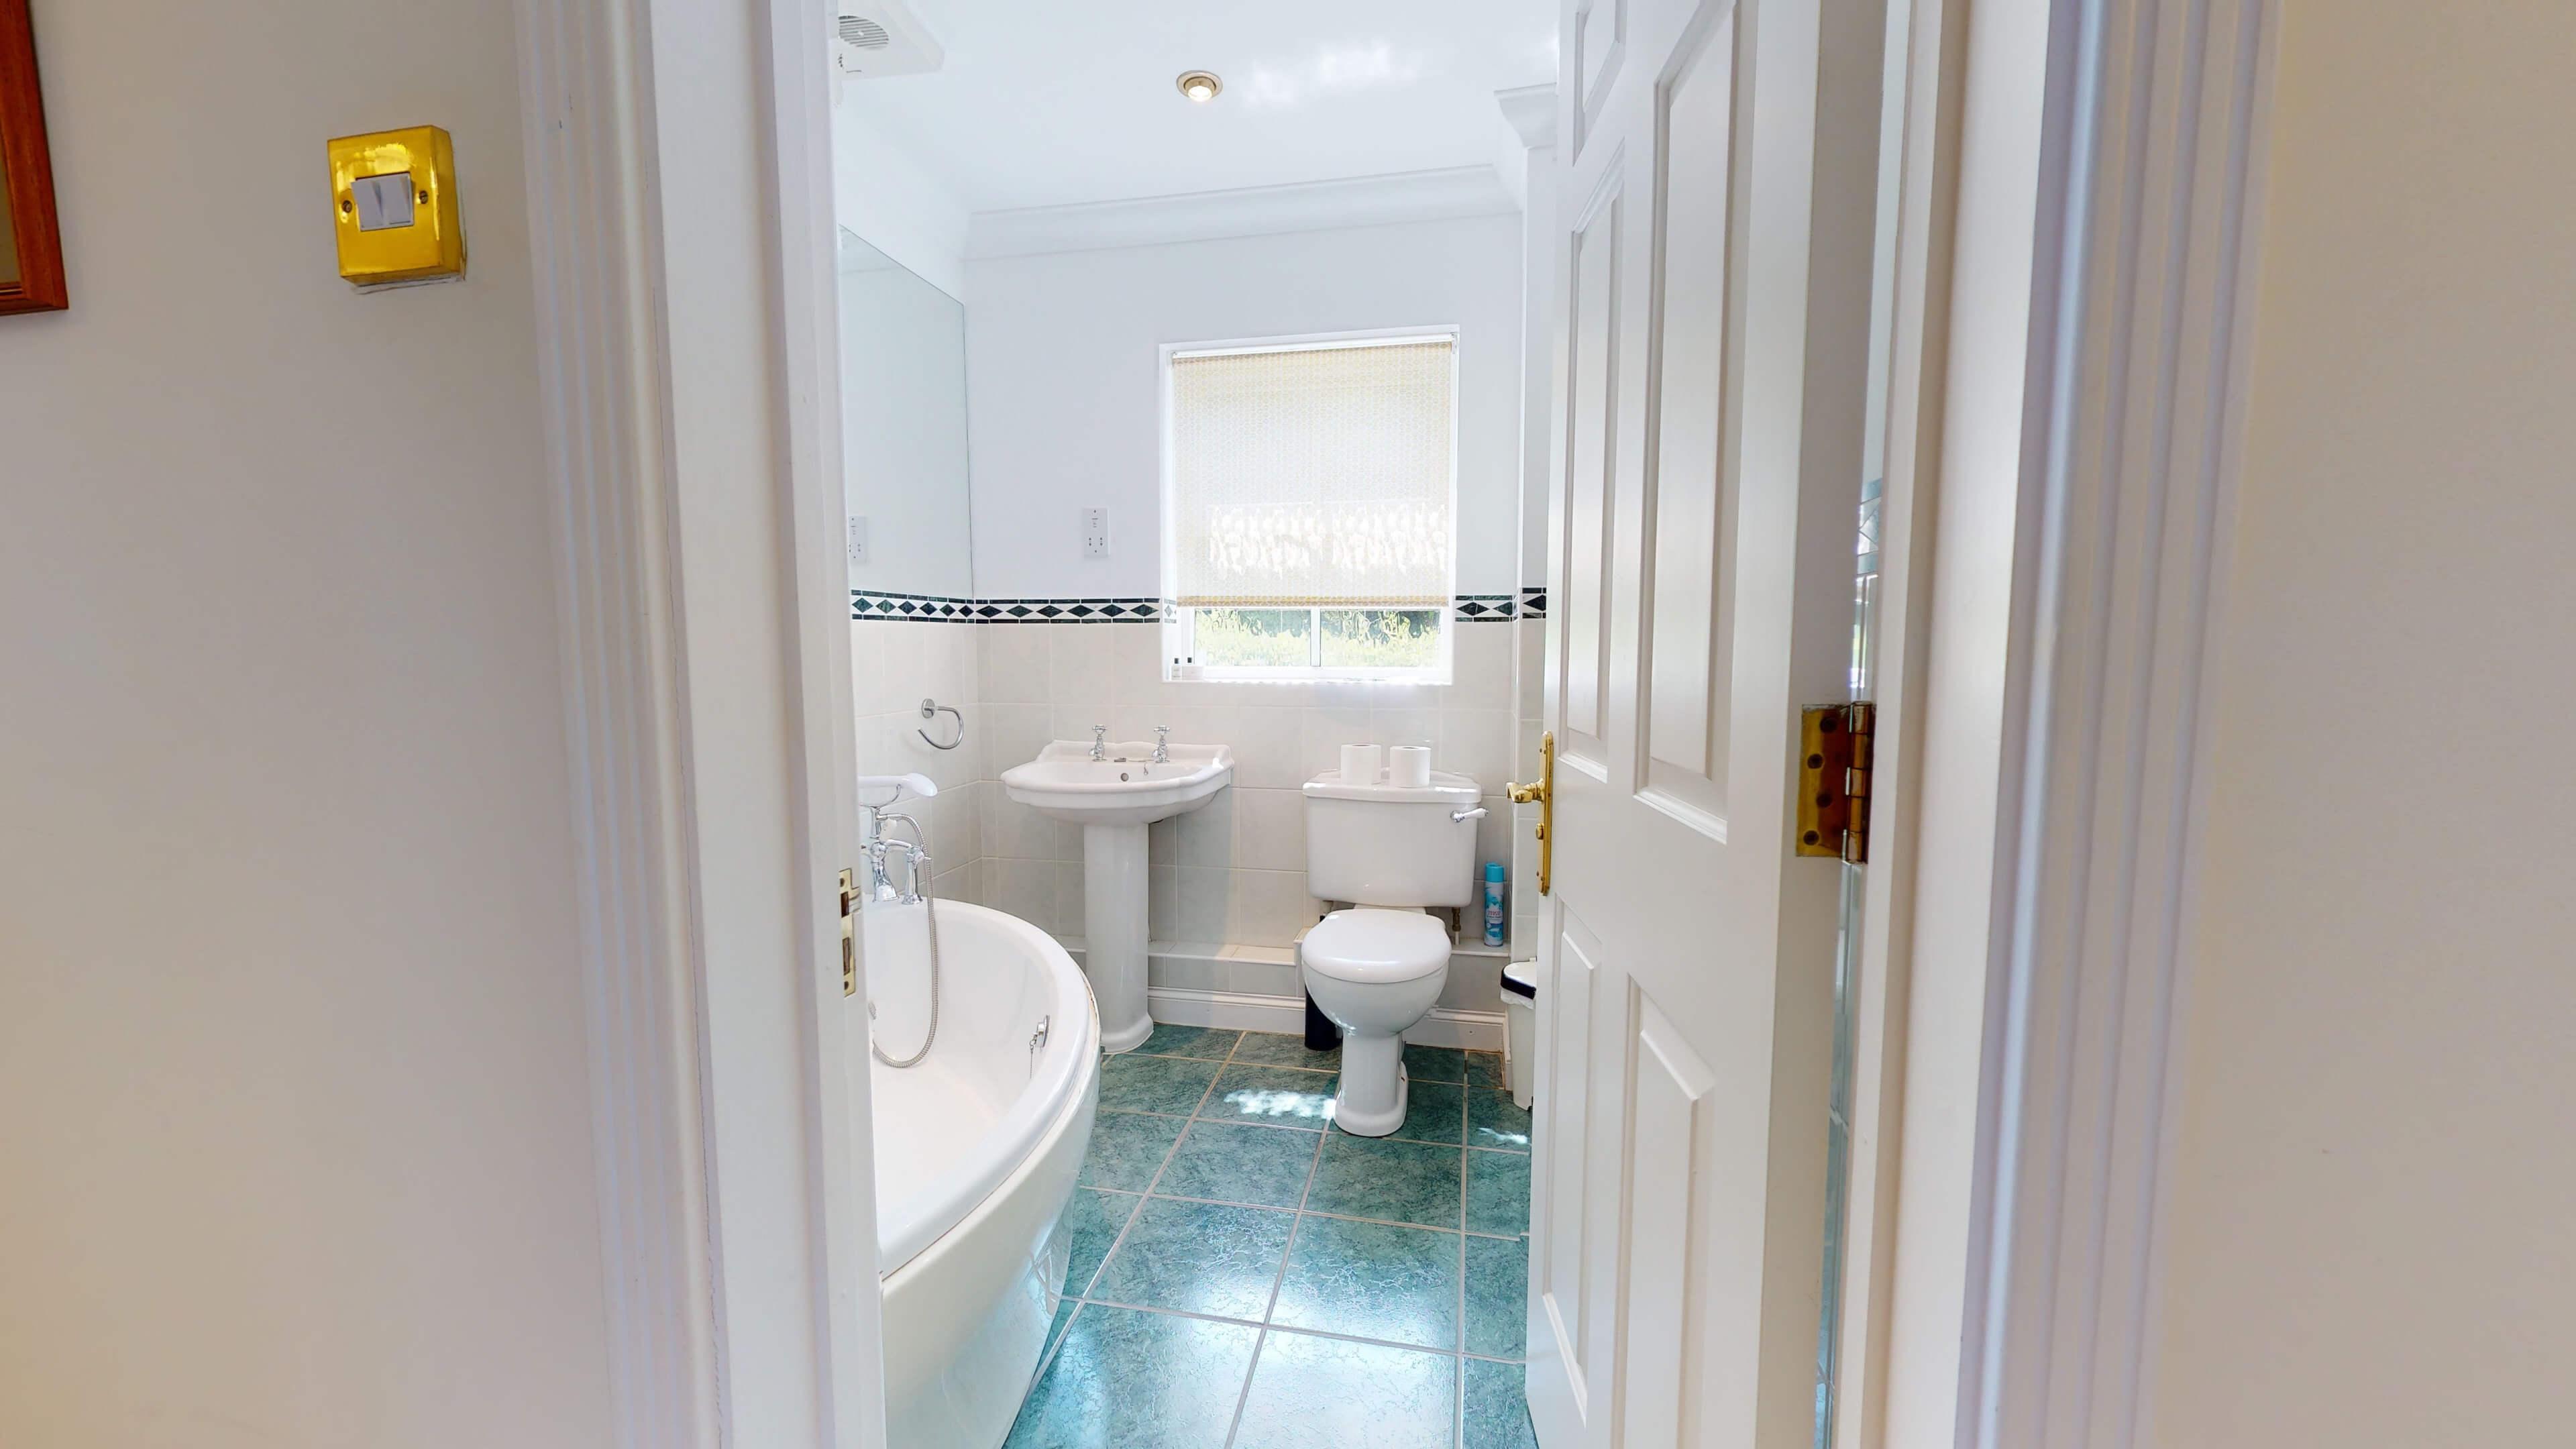 Rewley Road Oxford 2 Bed Rewley Road Bathroom 1 3